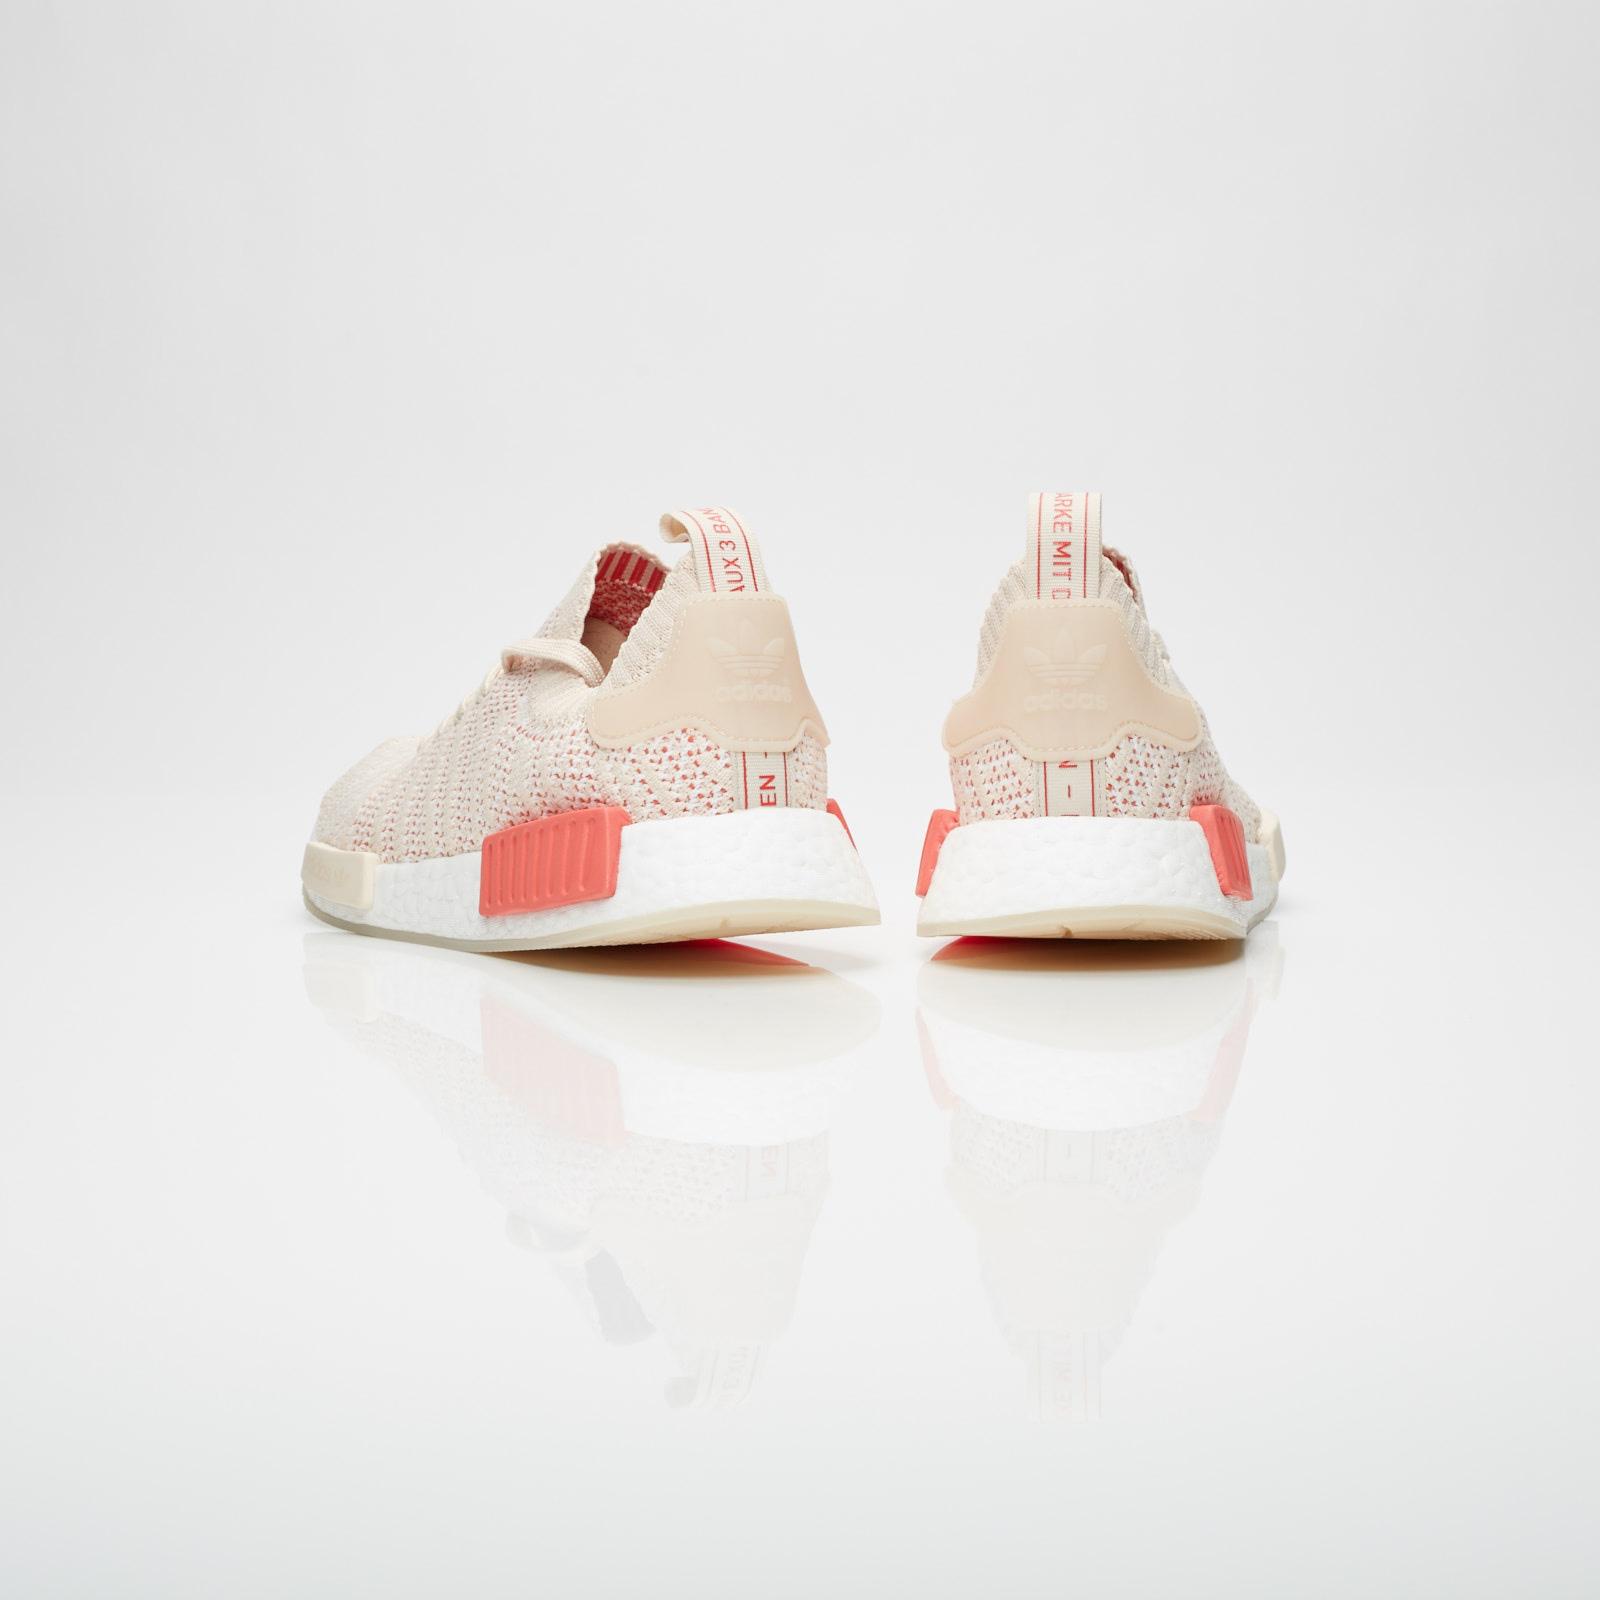 5df836f79a628 adidas NMD R1 Stlt PK W - Cq2030 - Sneakersnstuff